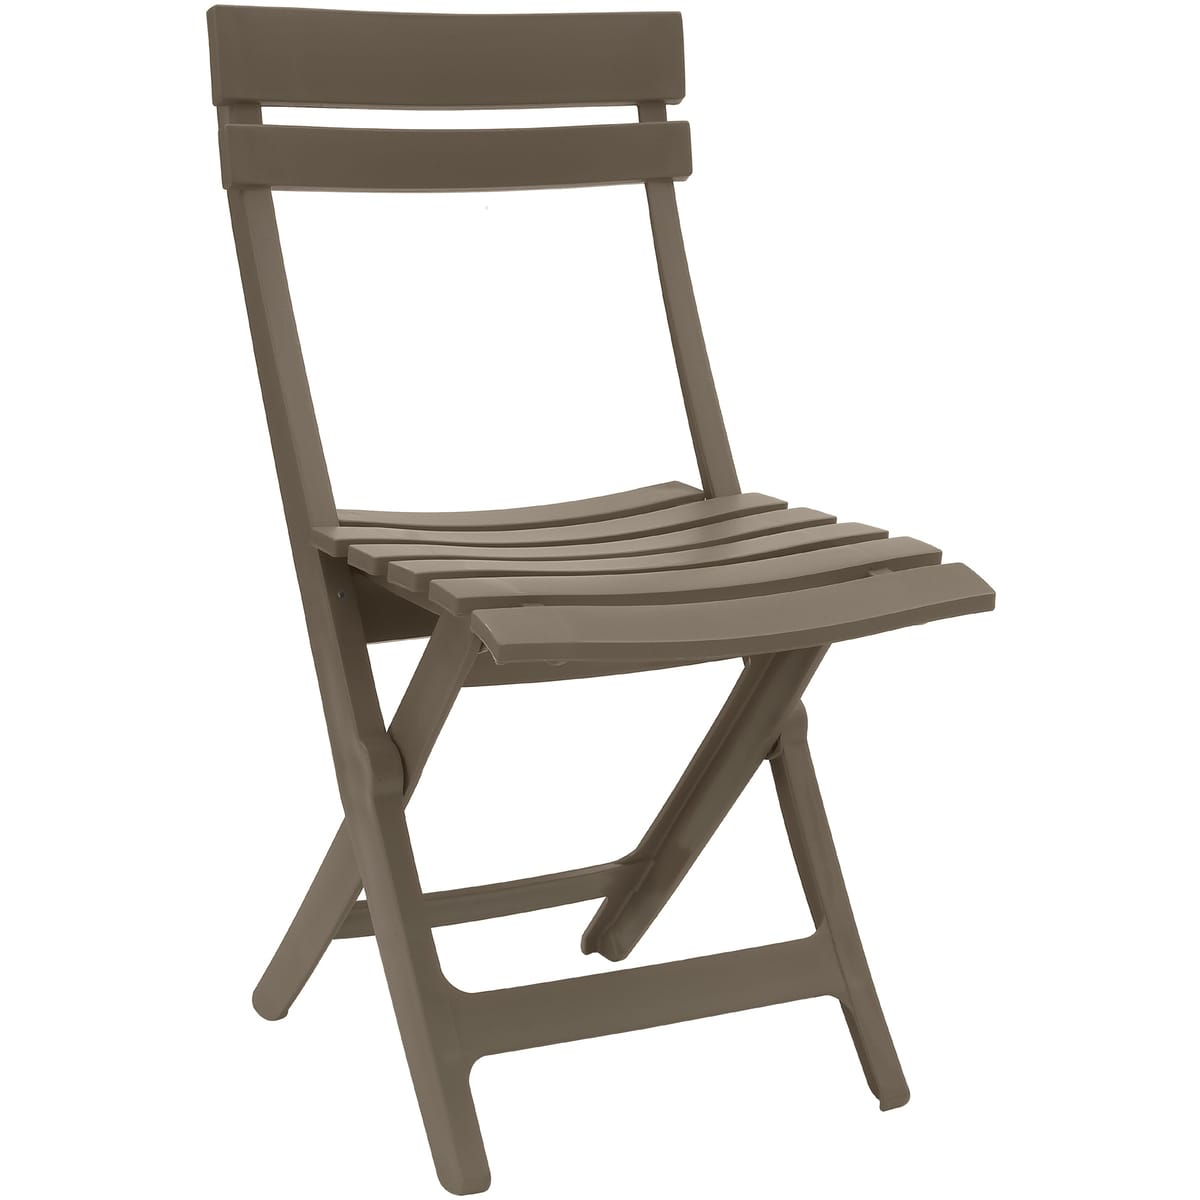 Grosfillex Chaise De Jardin Pliante Résine Miami Taupe tout Auchan Table De Jardin